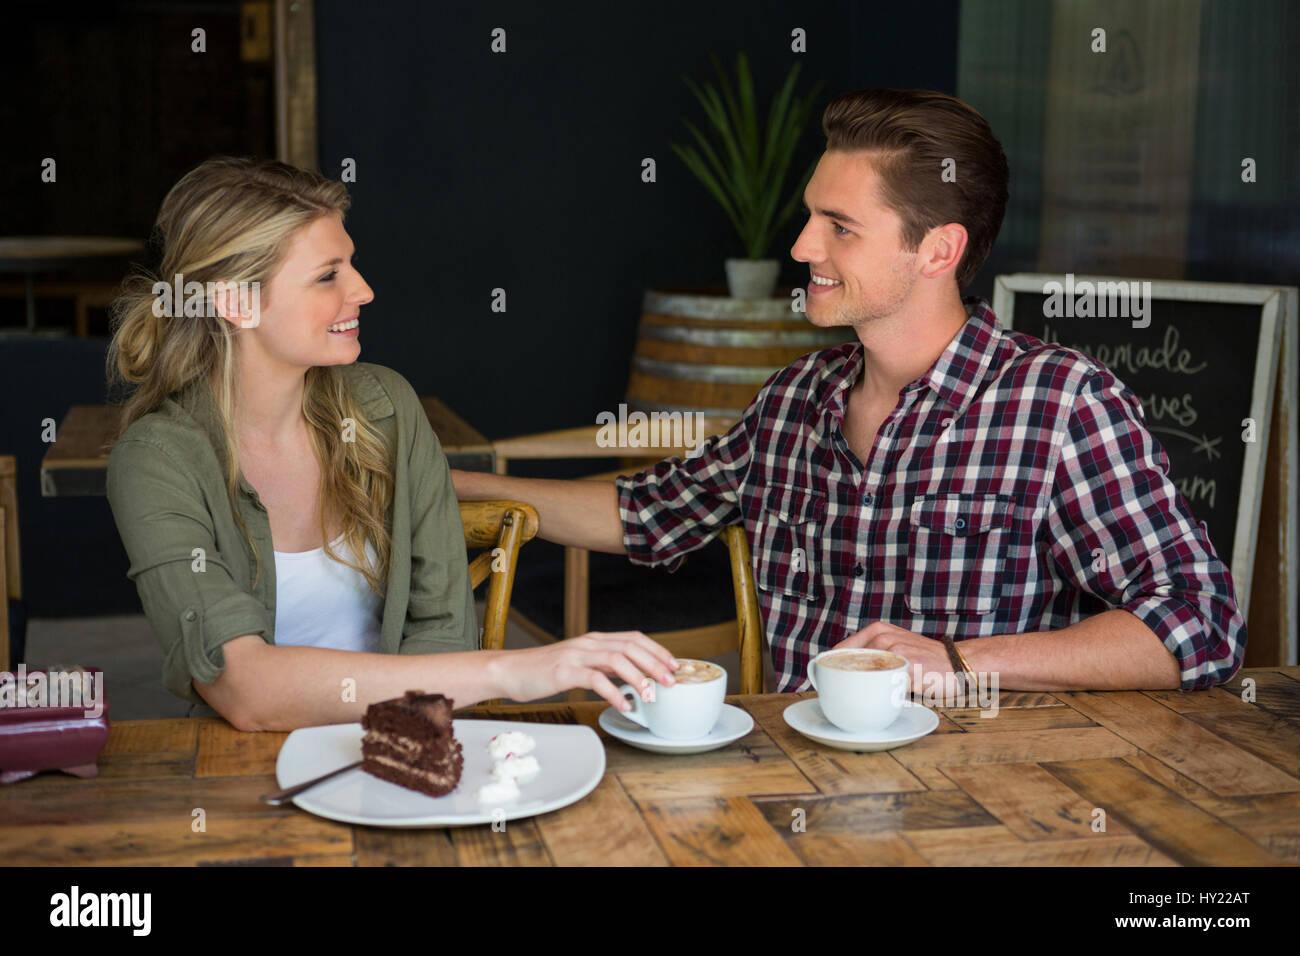 Amorevole coppia giovane parlando a tavola in coffee shop Immagini Stock